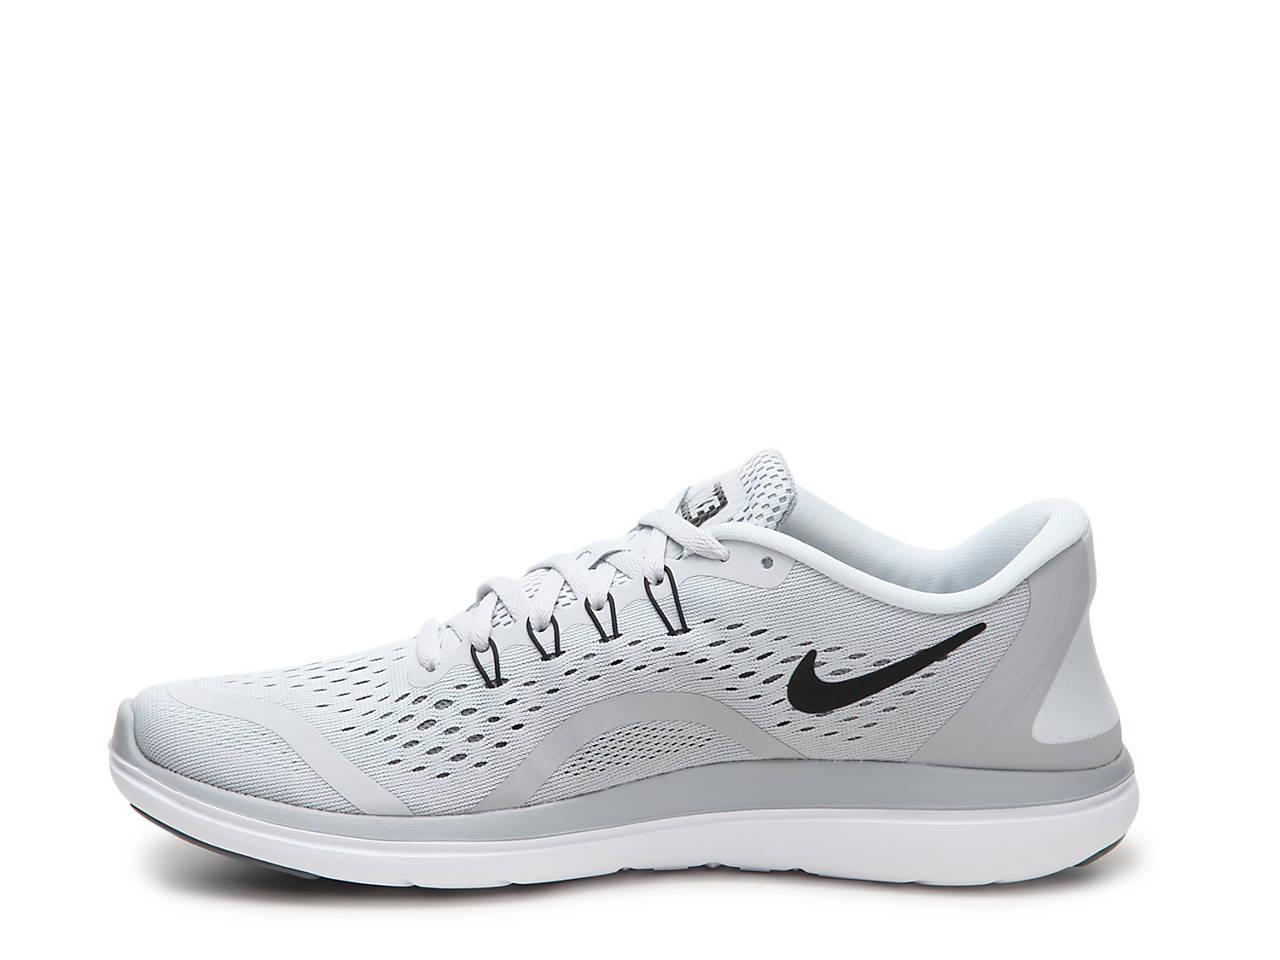 brand new 889a9 d3147 Flex 2017 RN Lightweight Running Shoe - Men's